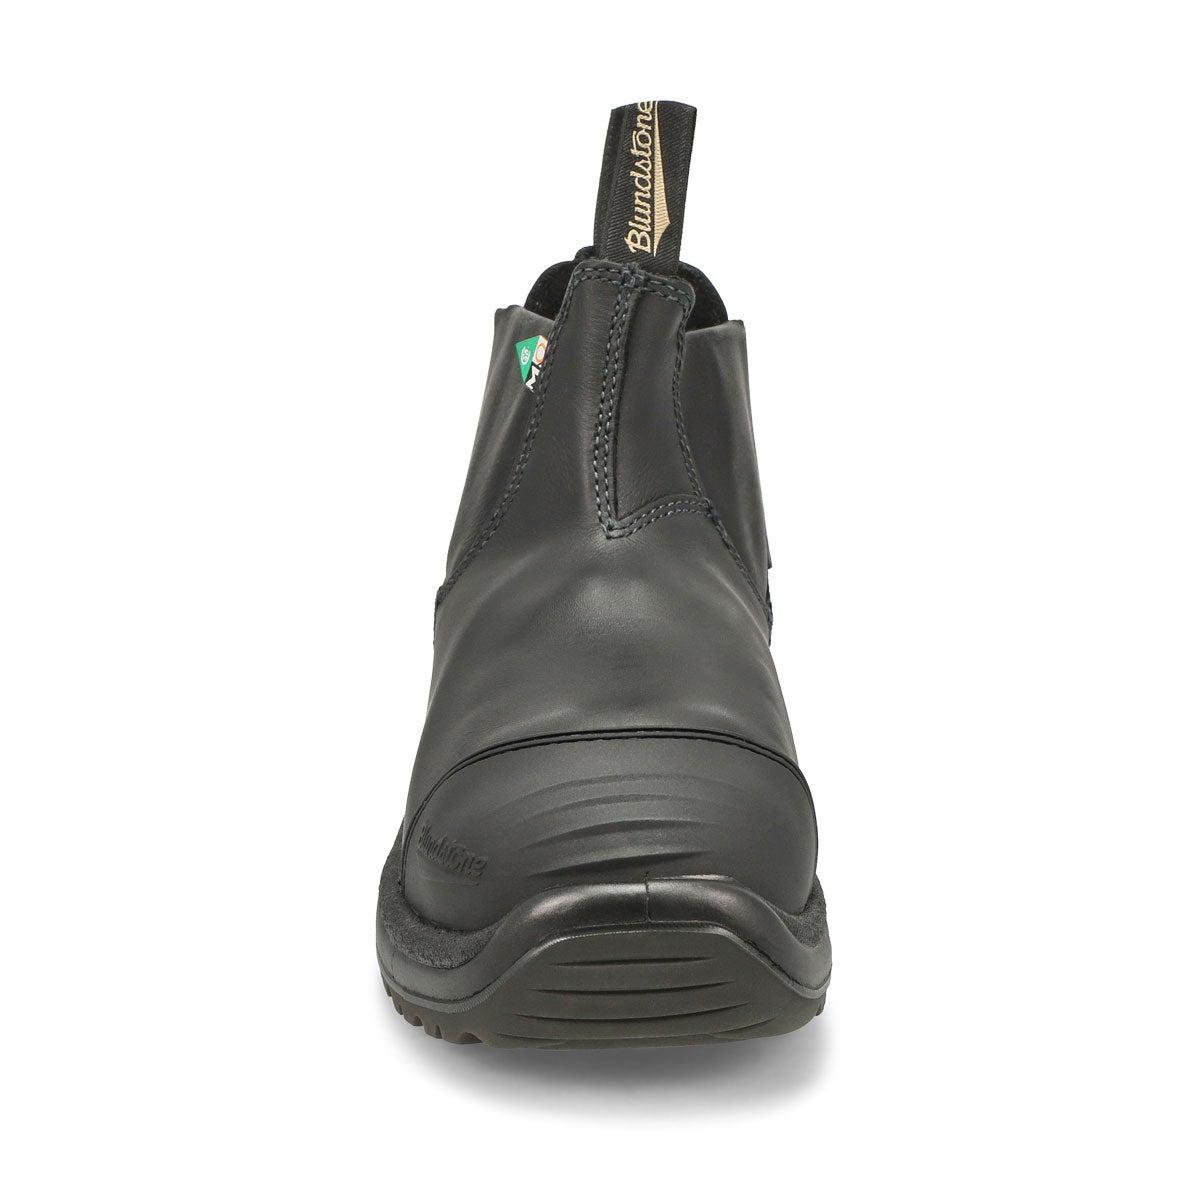 Men's 165 CSA Met Guard Boot - Black